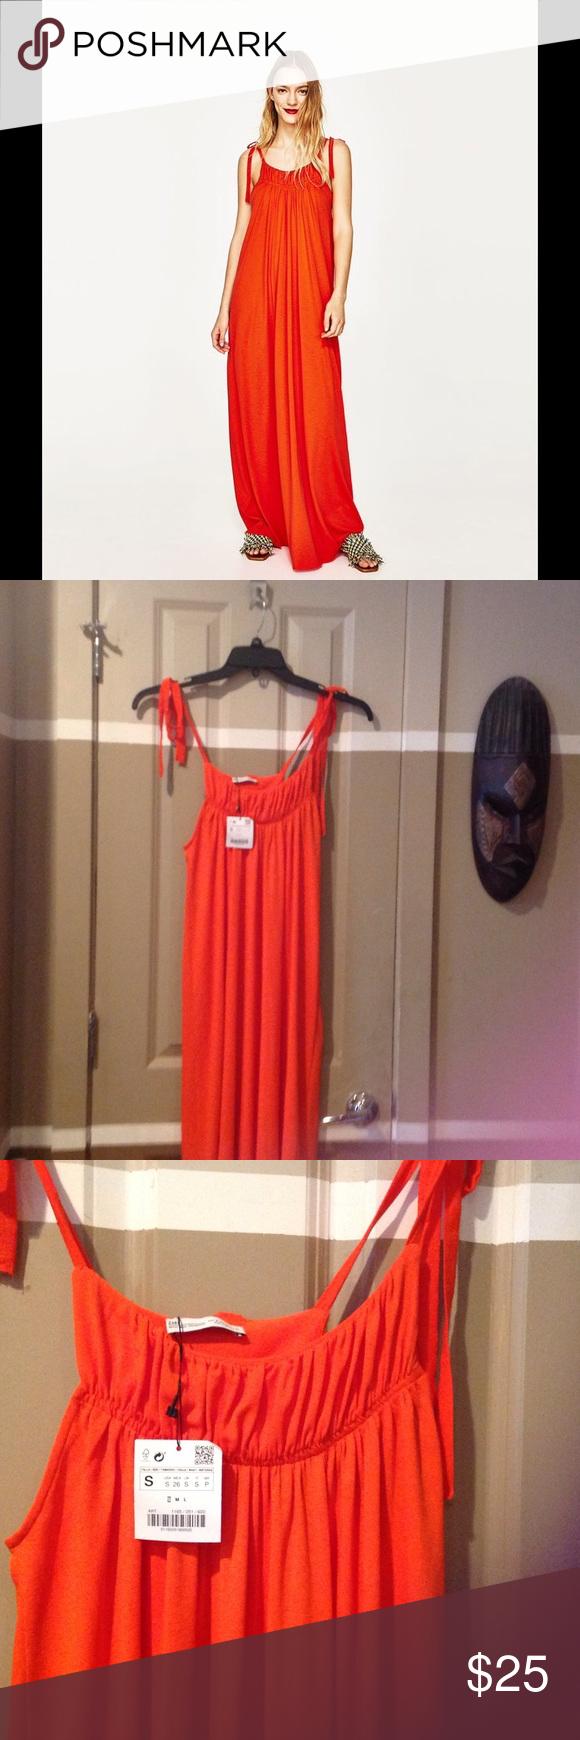 New zara orange maxi dresssmall new zara orange maxi dress